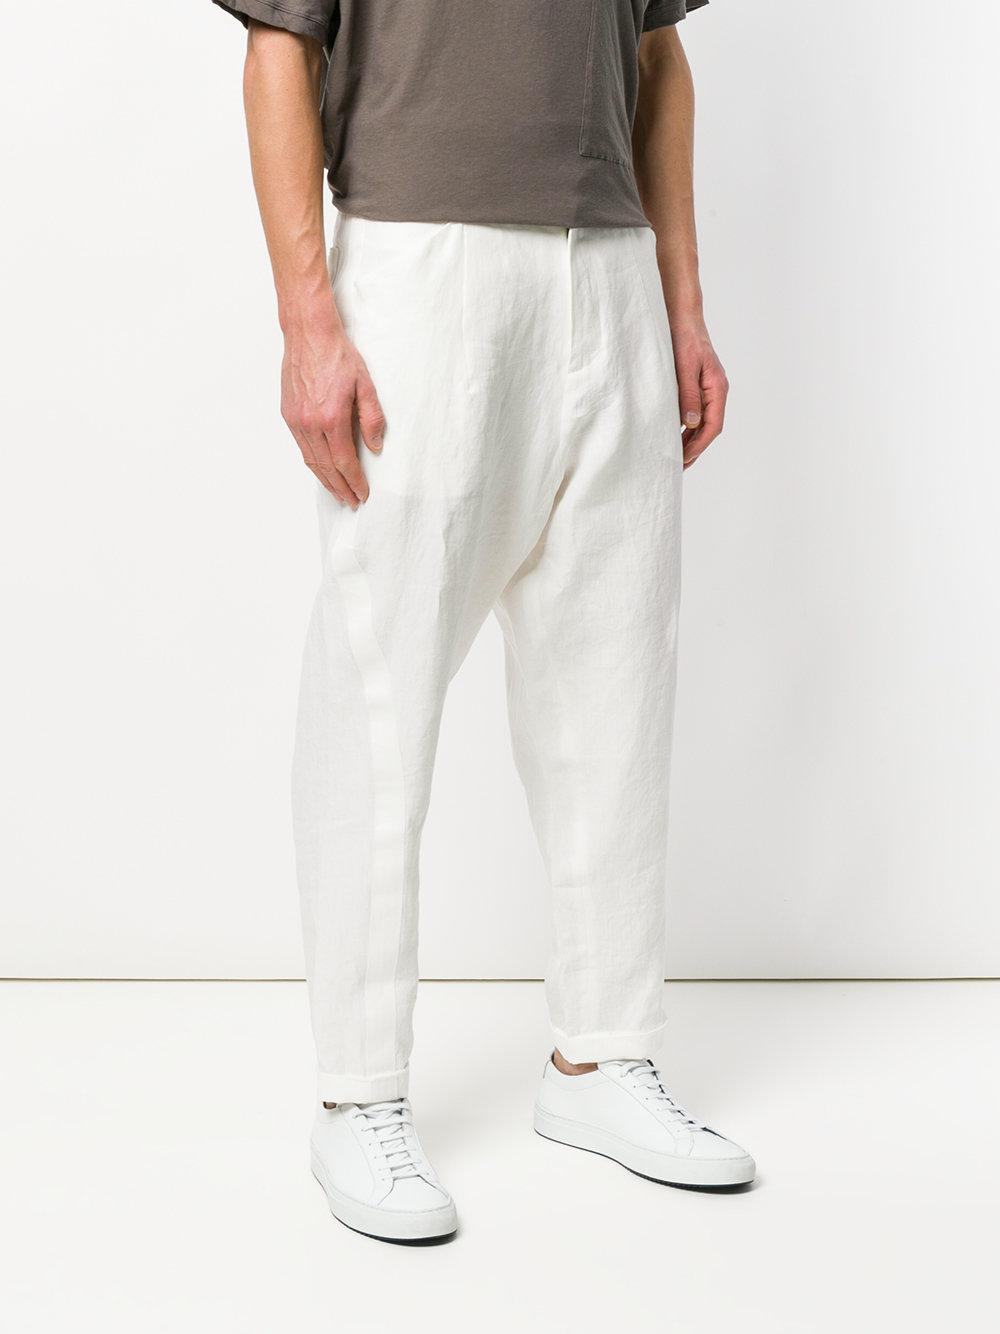 Isabel Benenato Linen Straight Trousers in White for Men